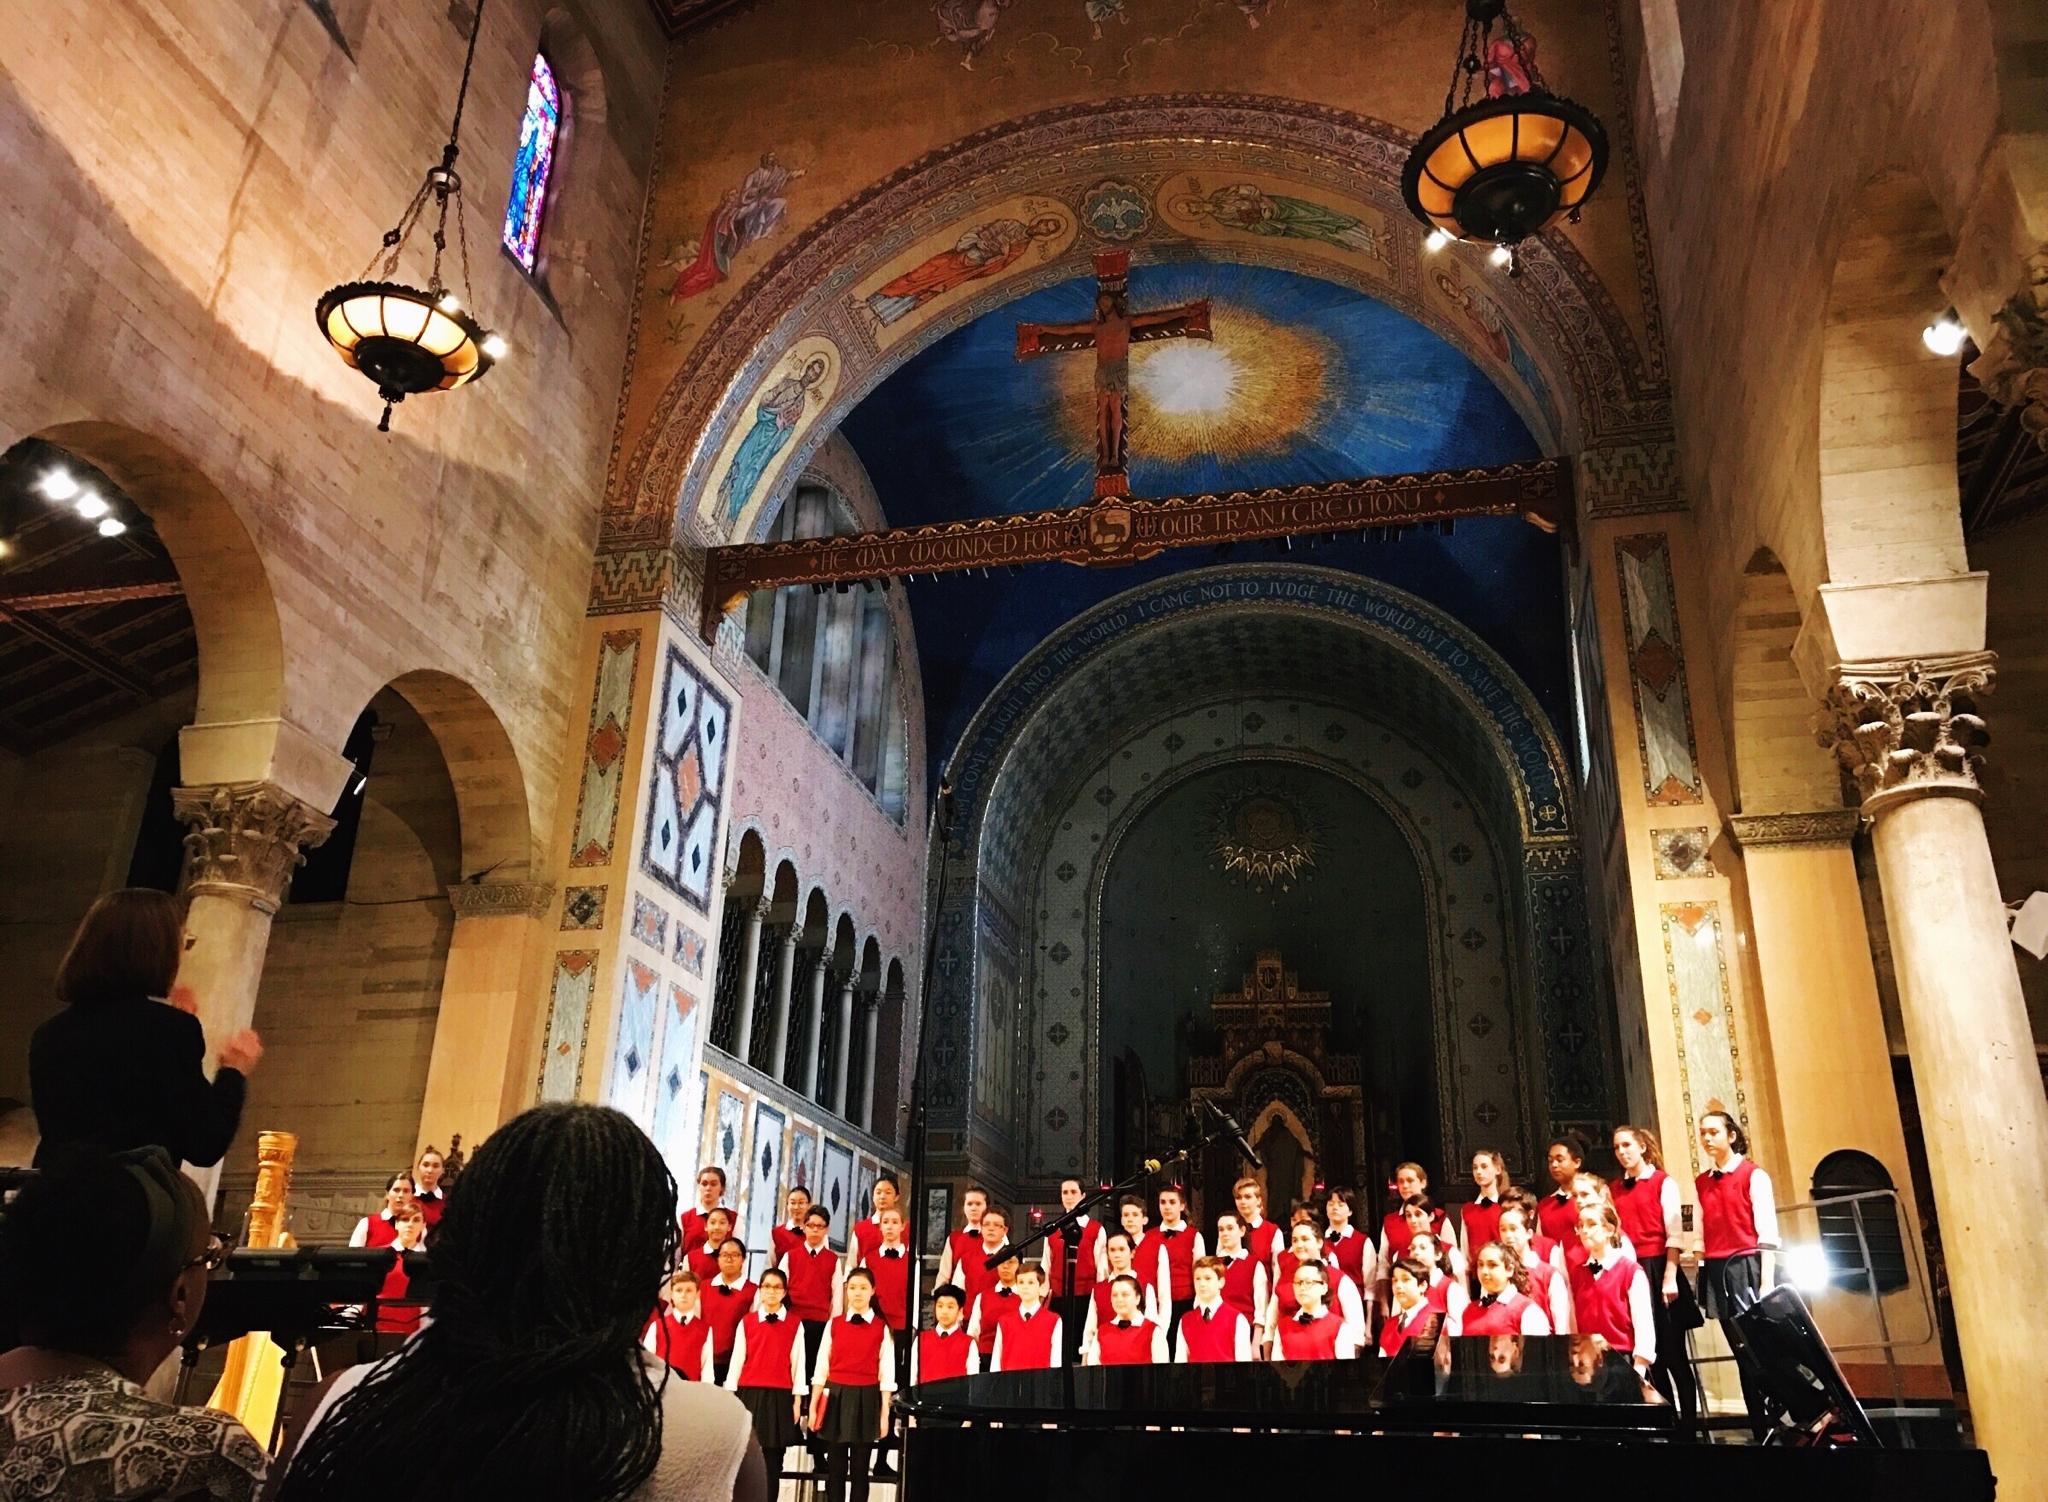 Los Angeles Children's Choir under the direction of Anne Tomlinson